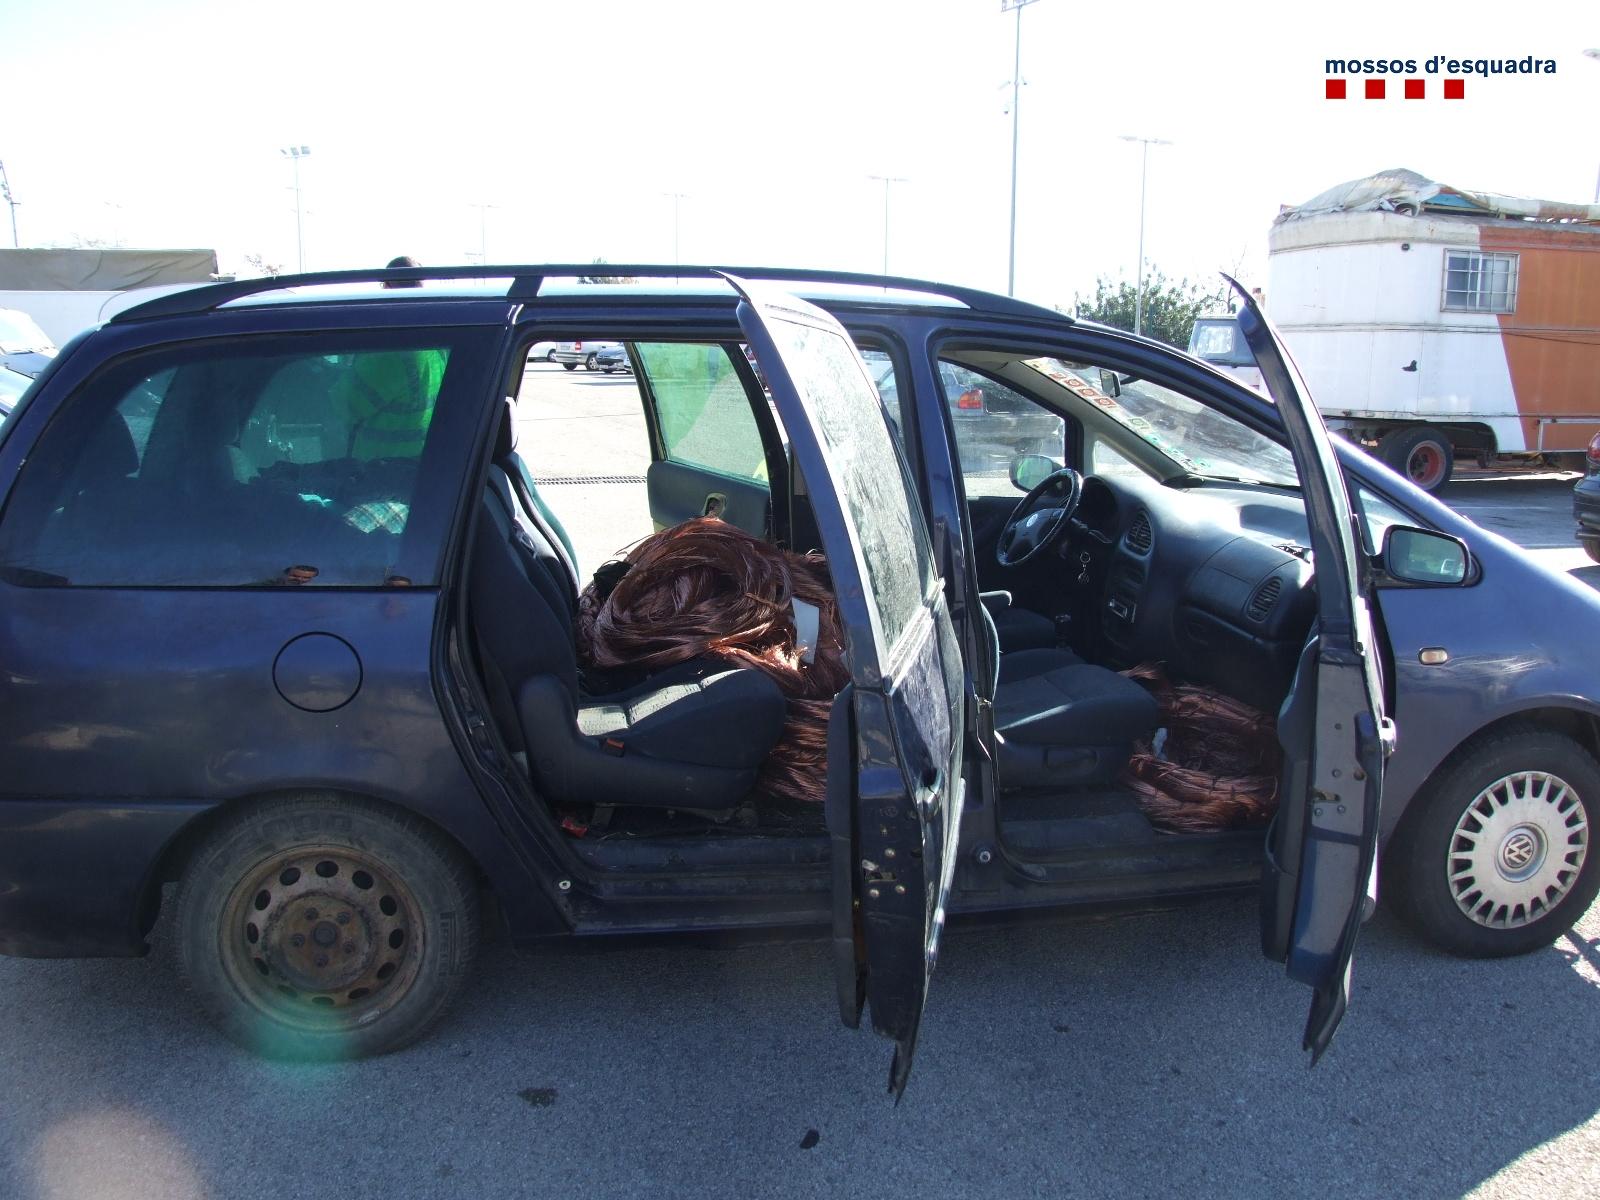 La furgoneta utilitzada per robar coure en més d'una ocasió // Mossos d'Esquadra